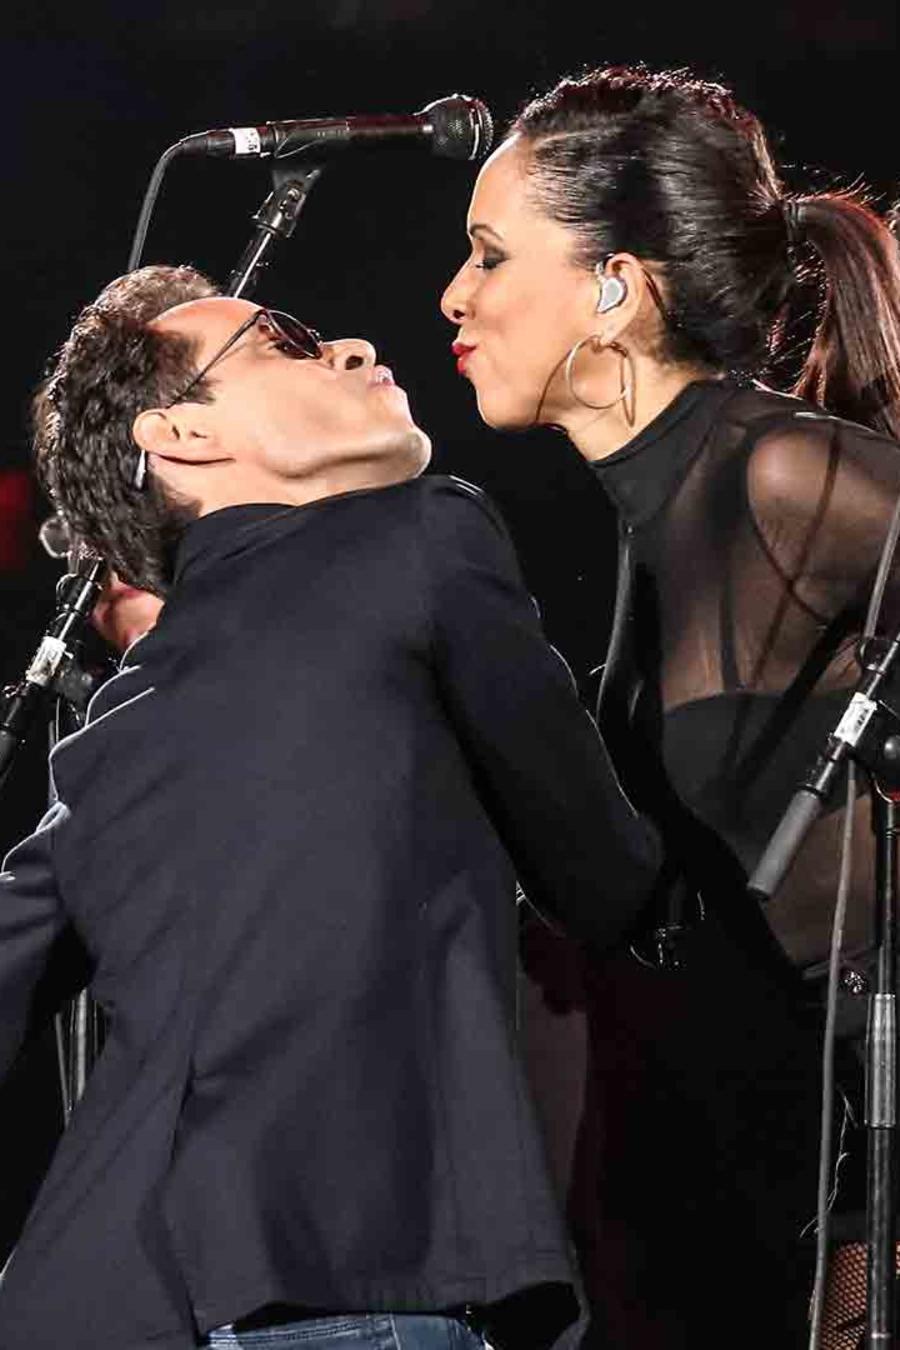 Marc Anthony besa a cantante en concierto en Miami